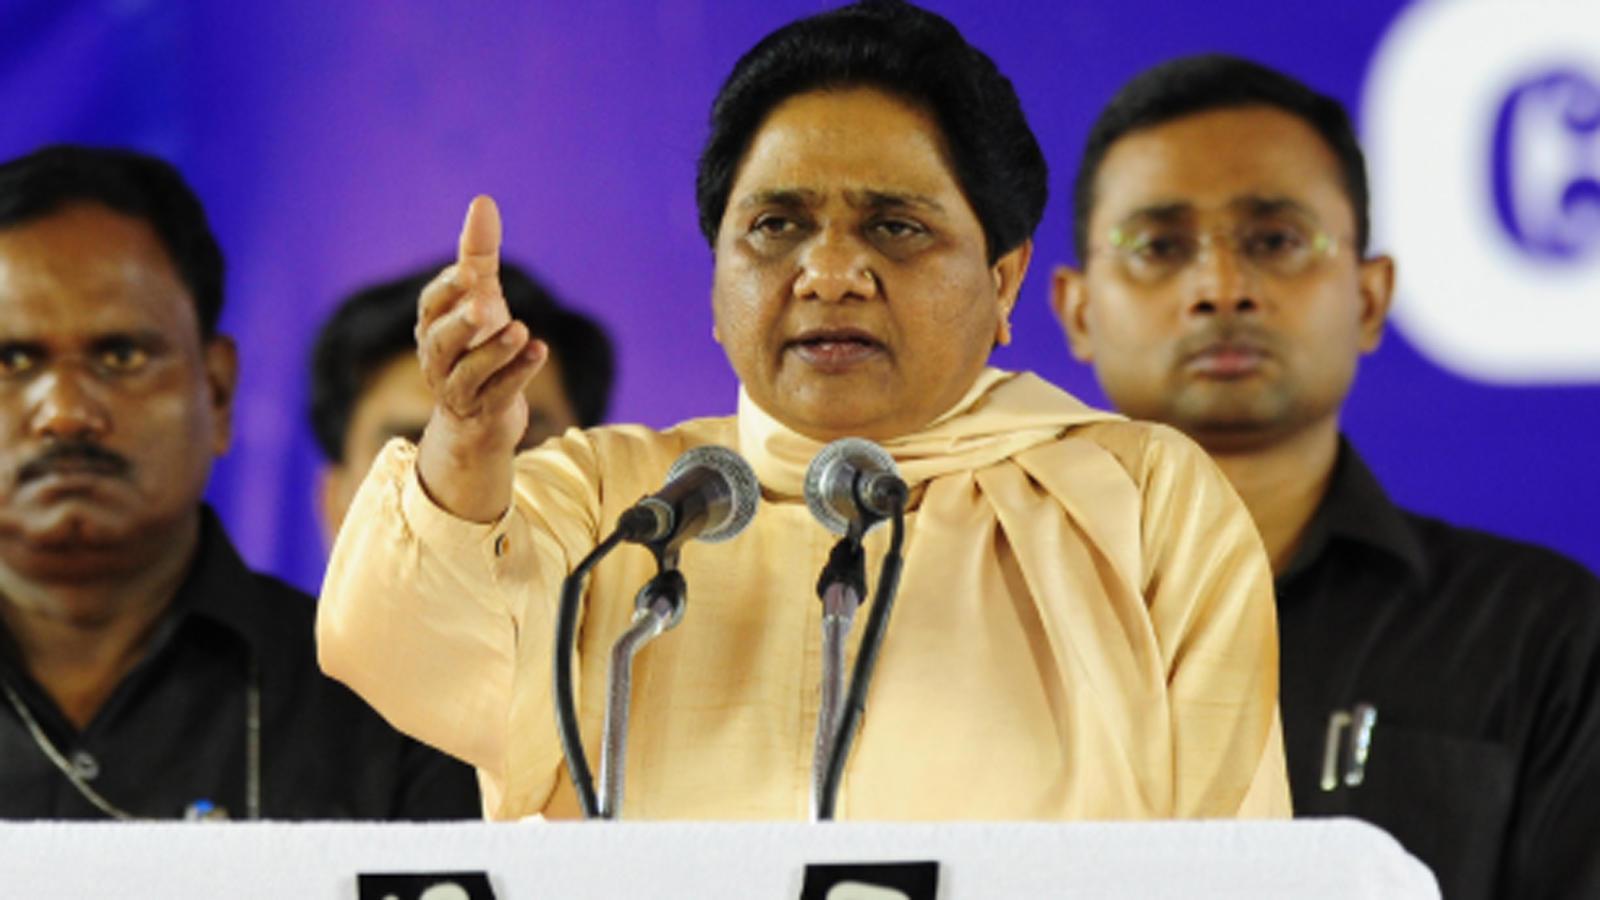 mayawati-takes-a-jibe-at-samajwadi-party-workers-during-poll-rally